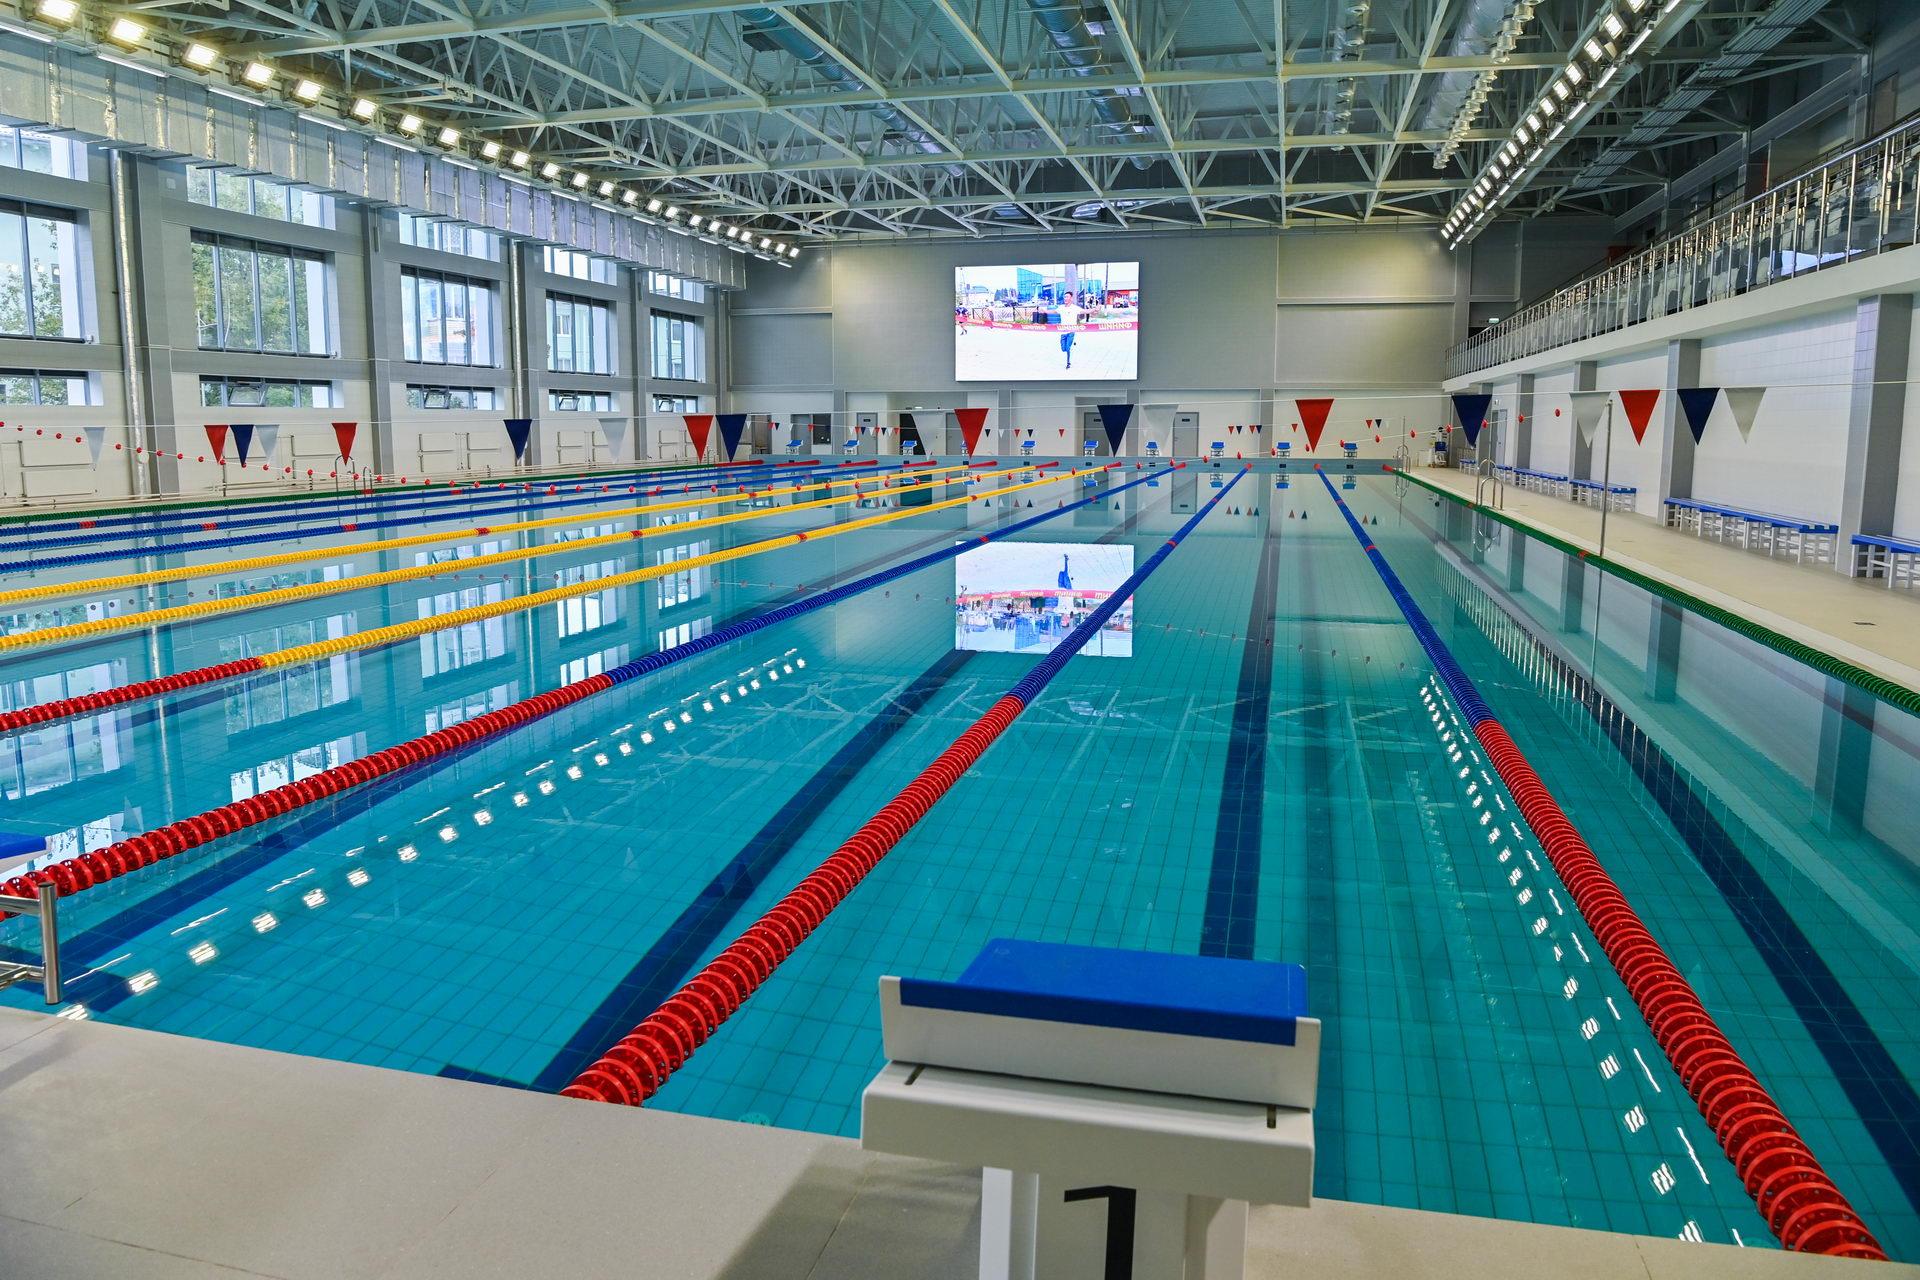 Открыт новый Дворц спорта в Калуге — уникальный и грандиозный спортивный объект